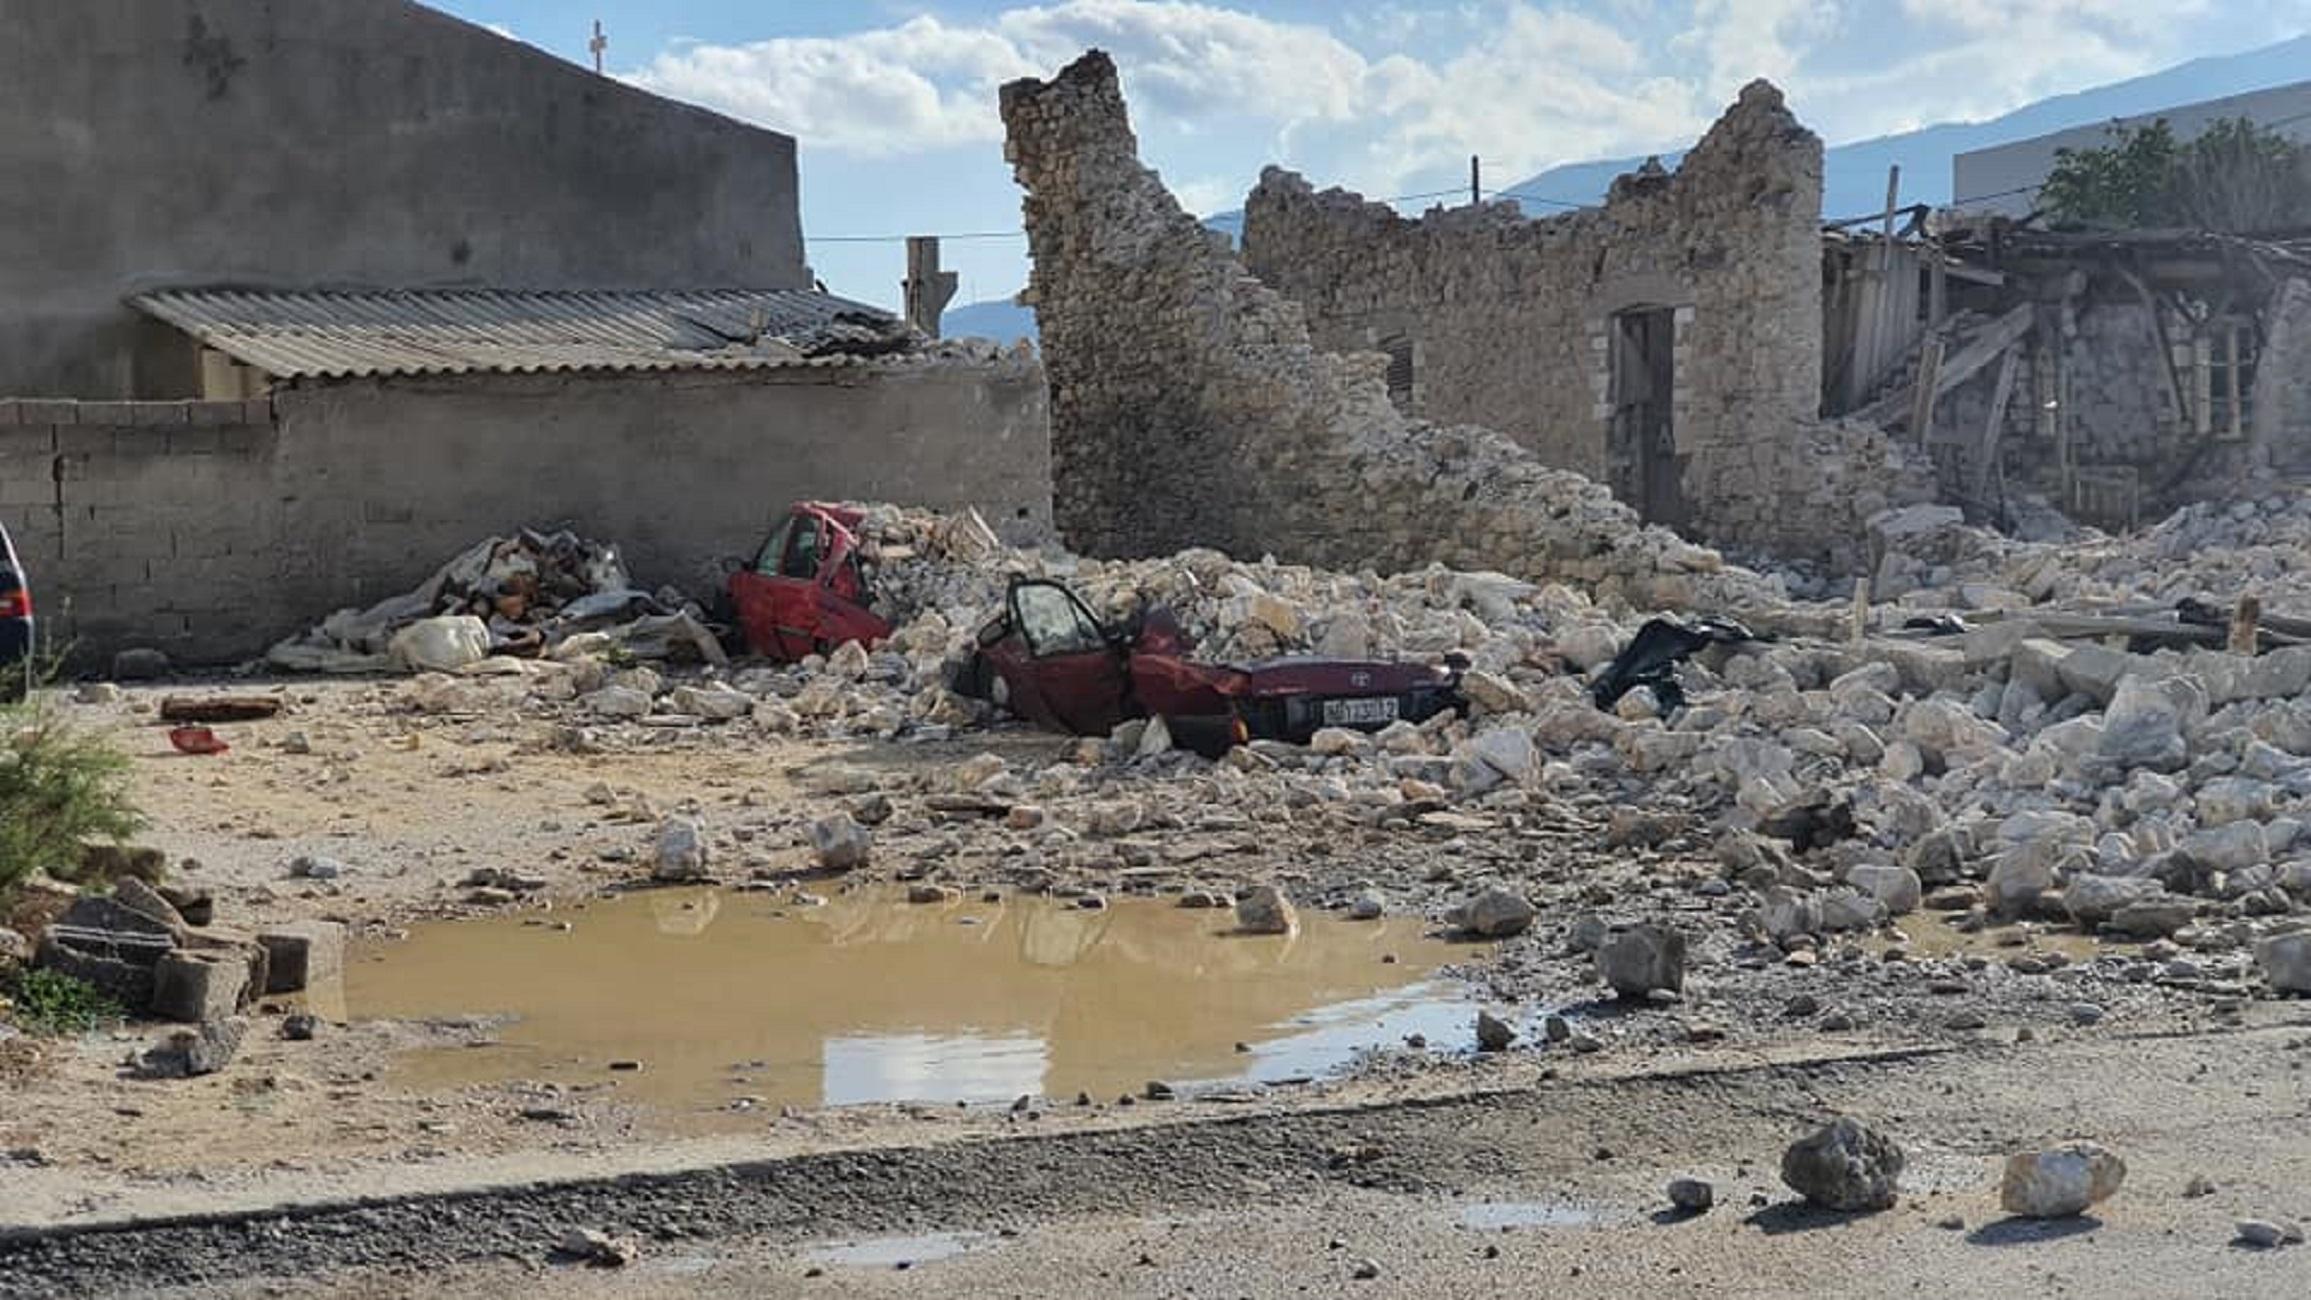 Σεισμός στη Σάμο: Εικόνες σοκ από τις μεγάλες καταστροφές (pics)